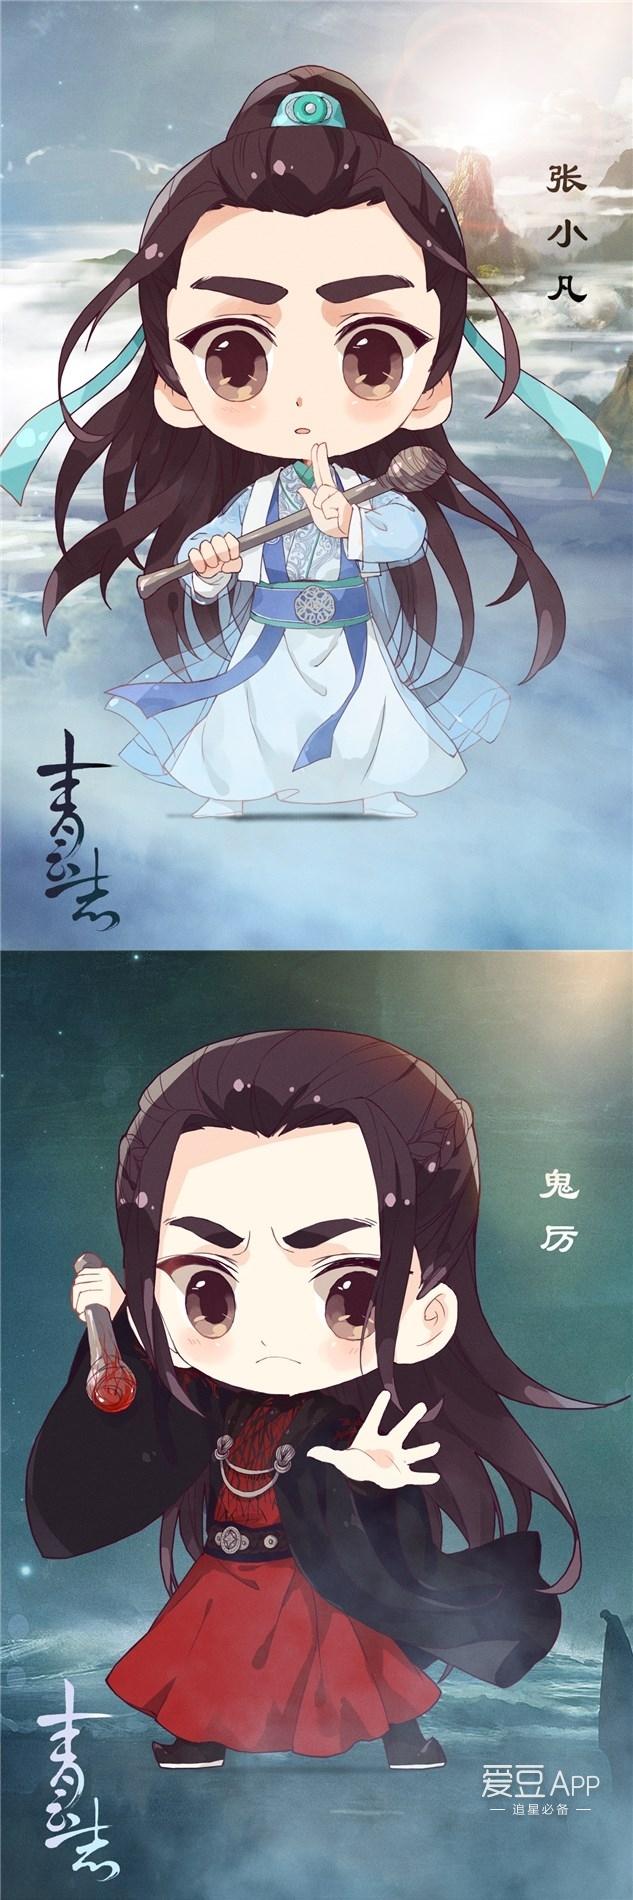 [李易峰][新闻]160608 《青云志》公布q版人物形象 小凡鬼厉萌一脸血